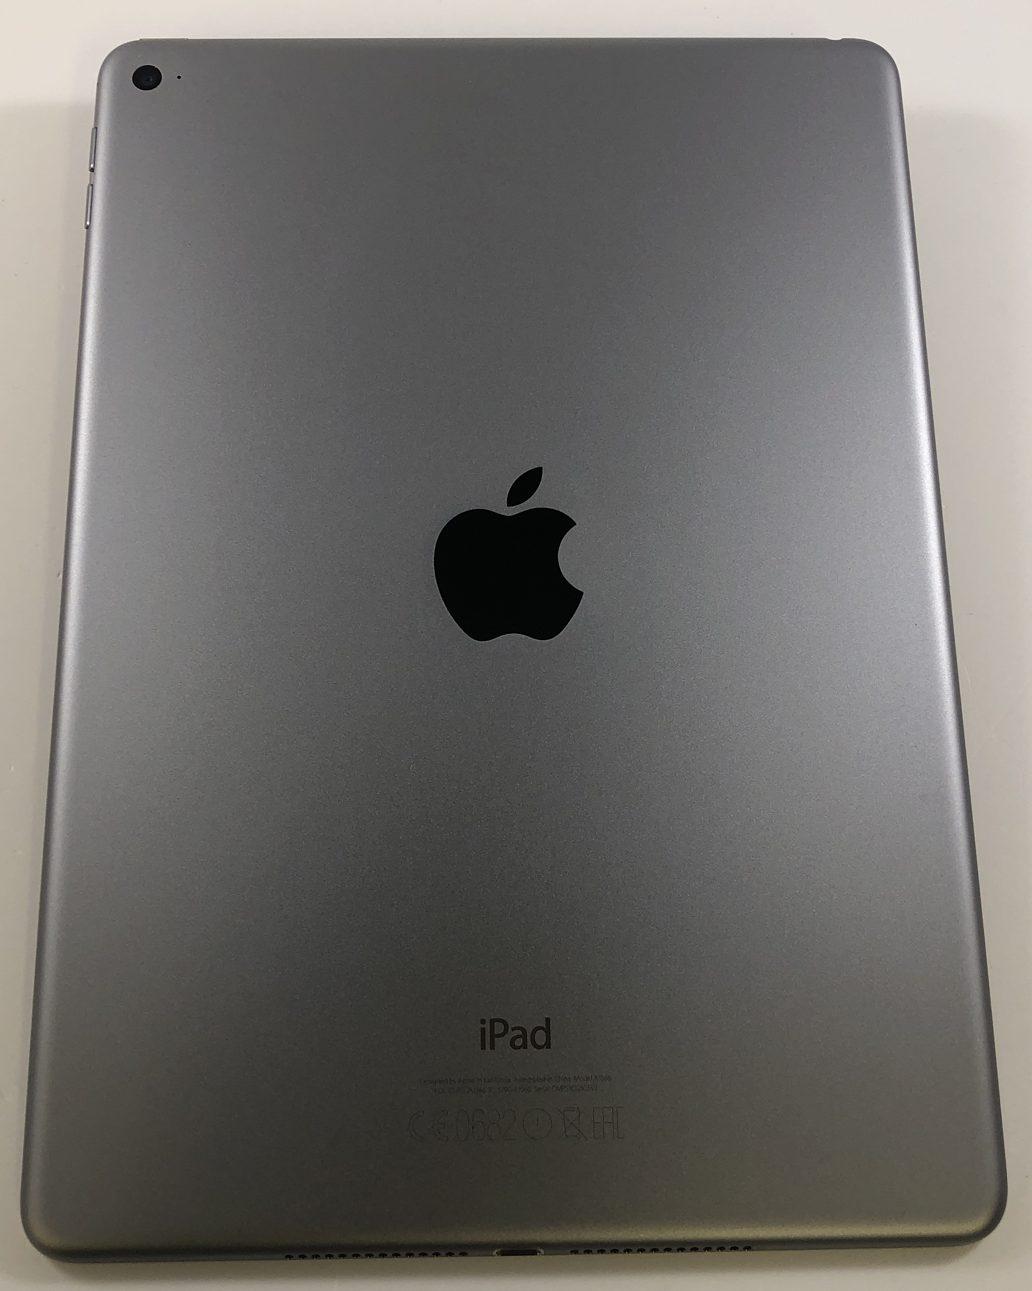 iPad Air 2 Wi-Fi 16GB, 16GB, Space Gray, Kuva 2